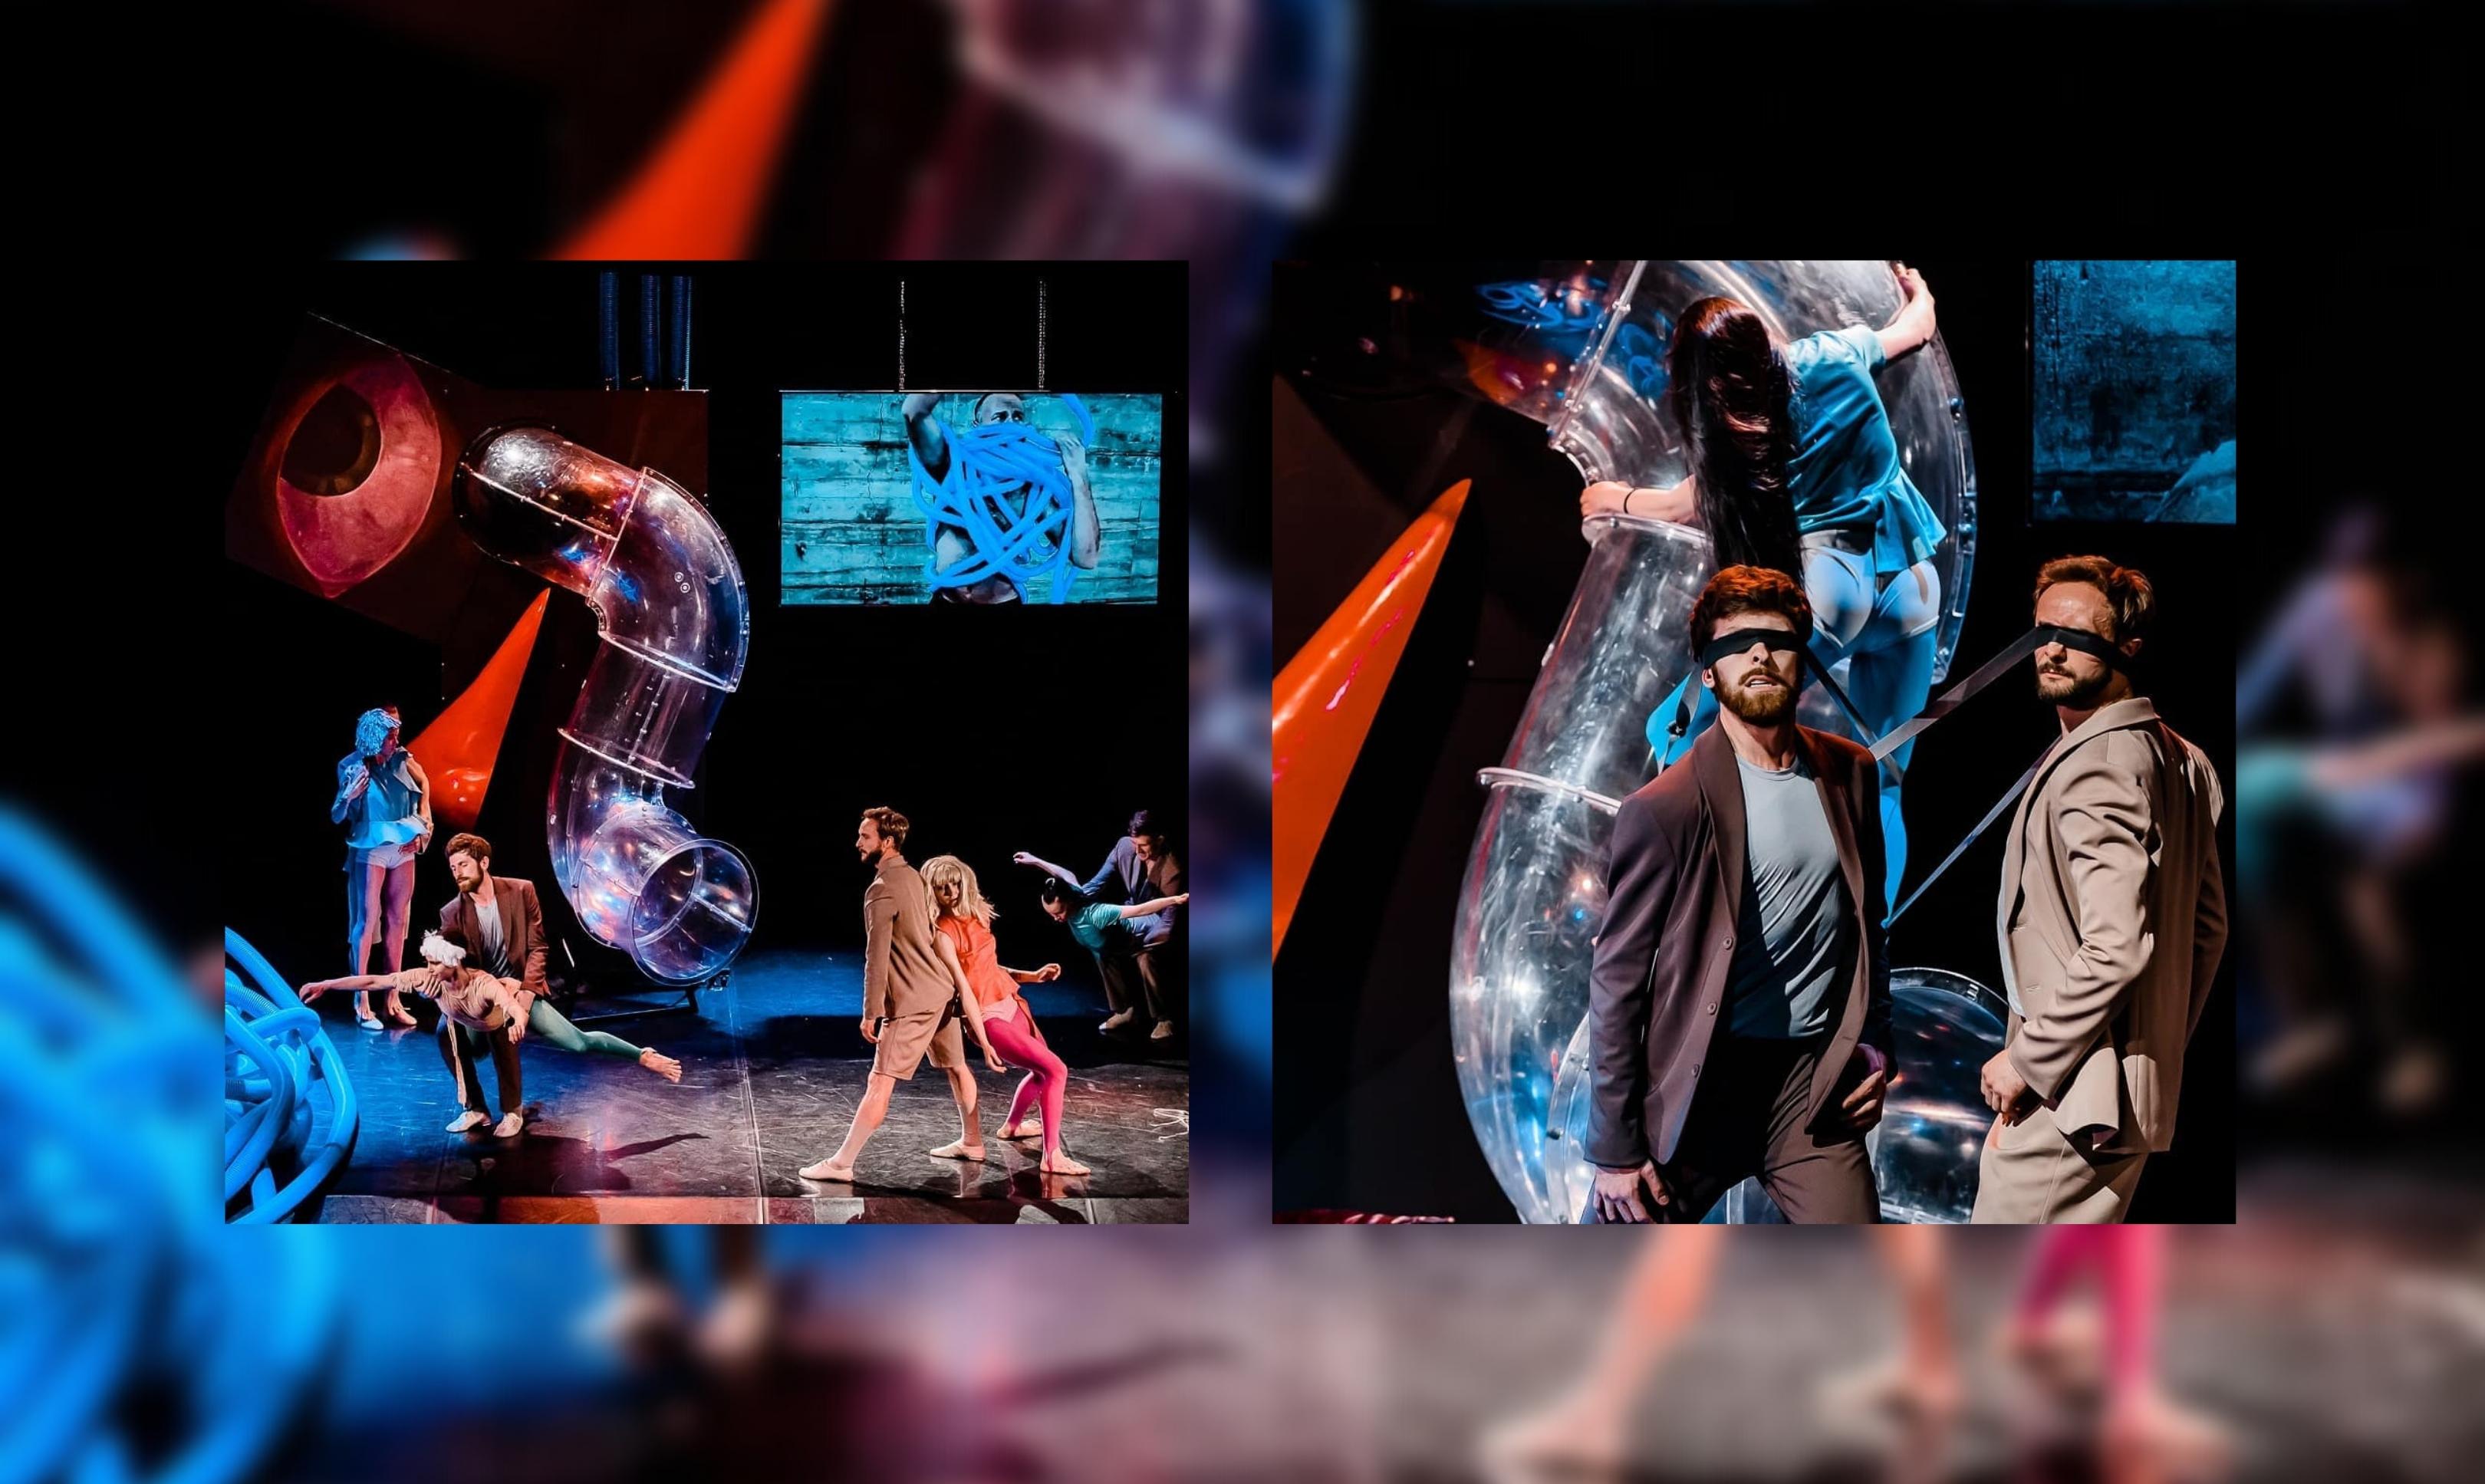 Сразу два спектакля: «Провинциальные танцы» организуют большое выступление в Екатеринбурге